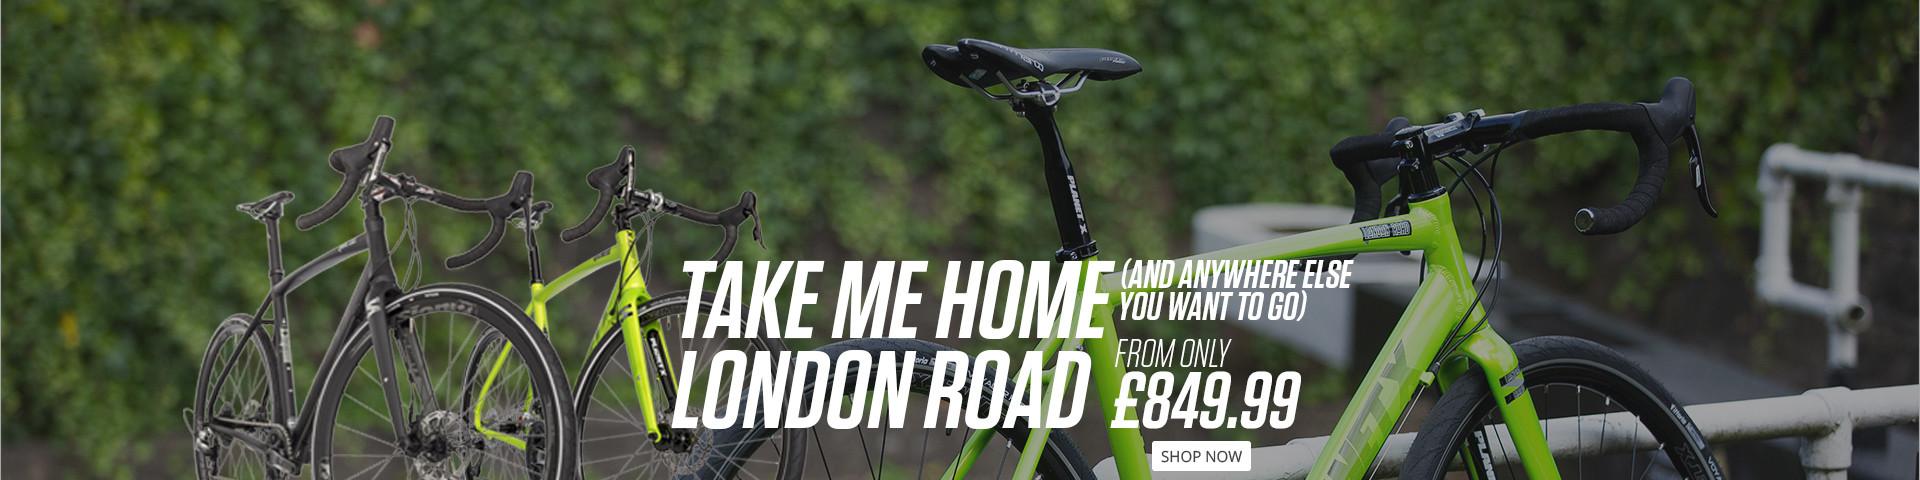 London Road - The Go Anywhere Rod Bike